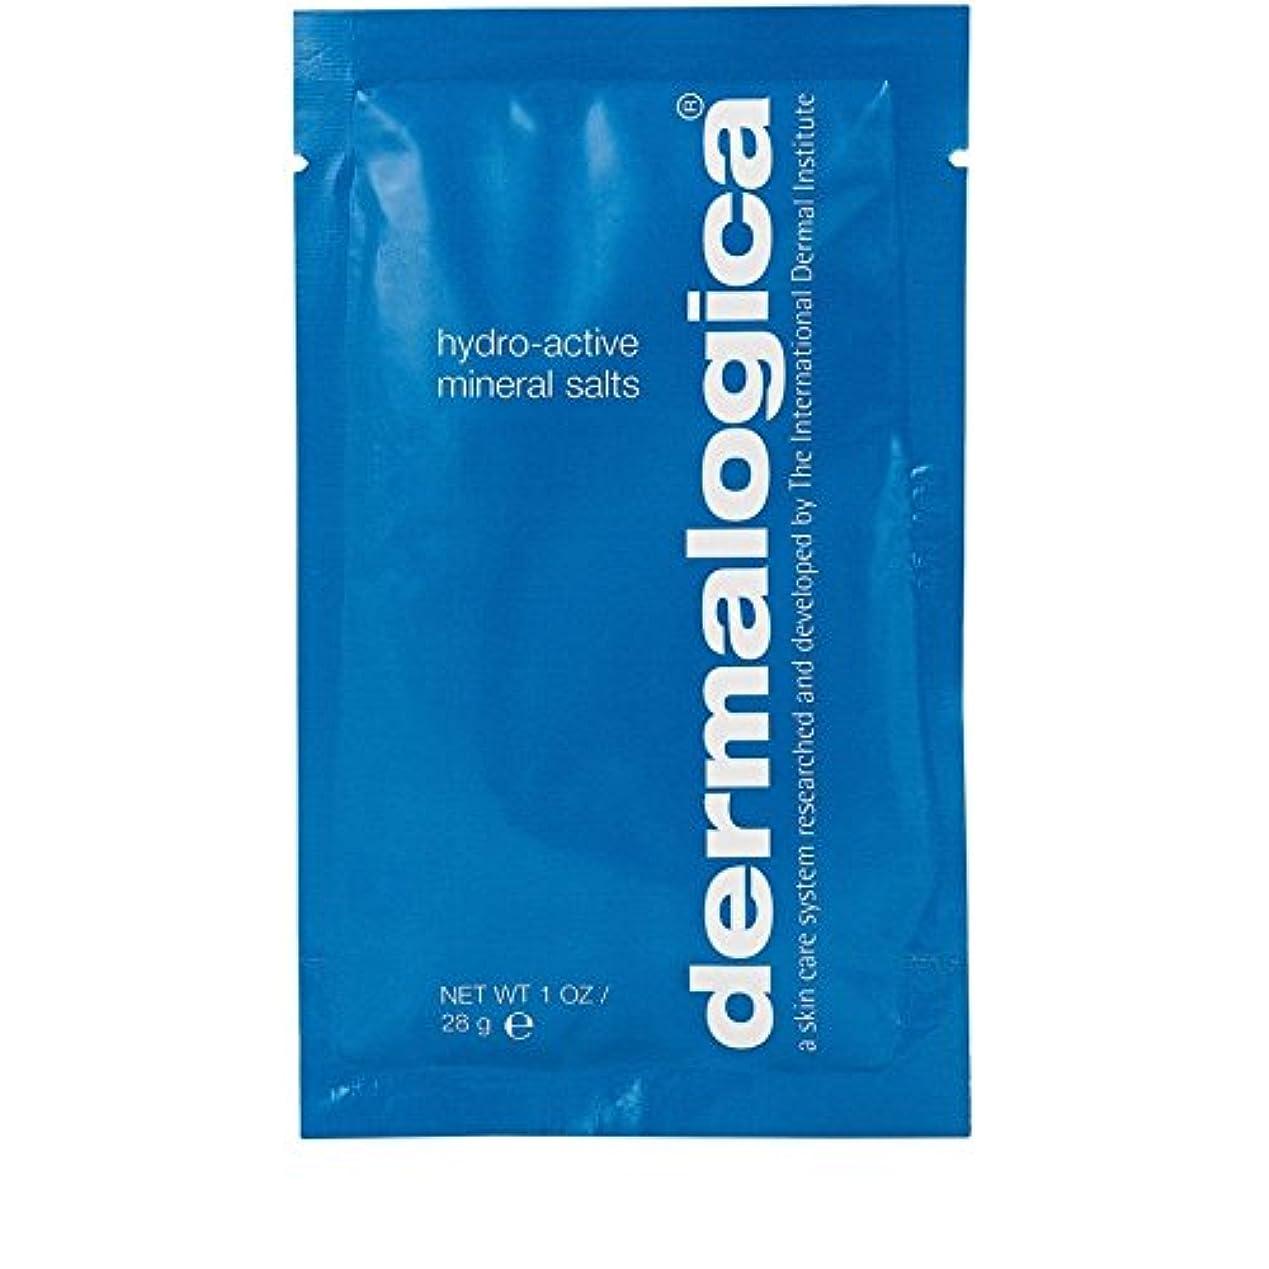 ゴミ宇宙船感染するダーマロジカ水力アクティブミネラル塩28グラム x2 - Dermalogica Hydro Active Mineral Salt 28g (Pack of 2) [並行輸入品]